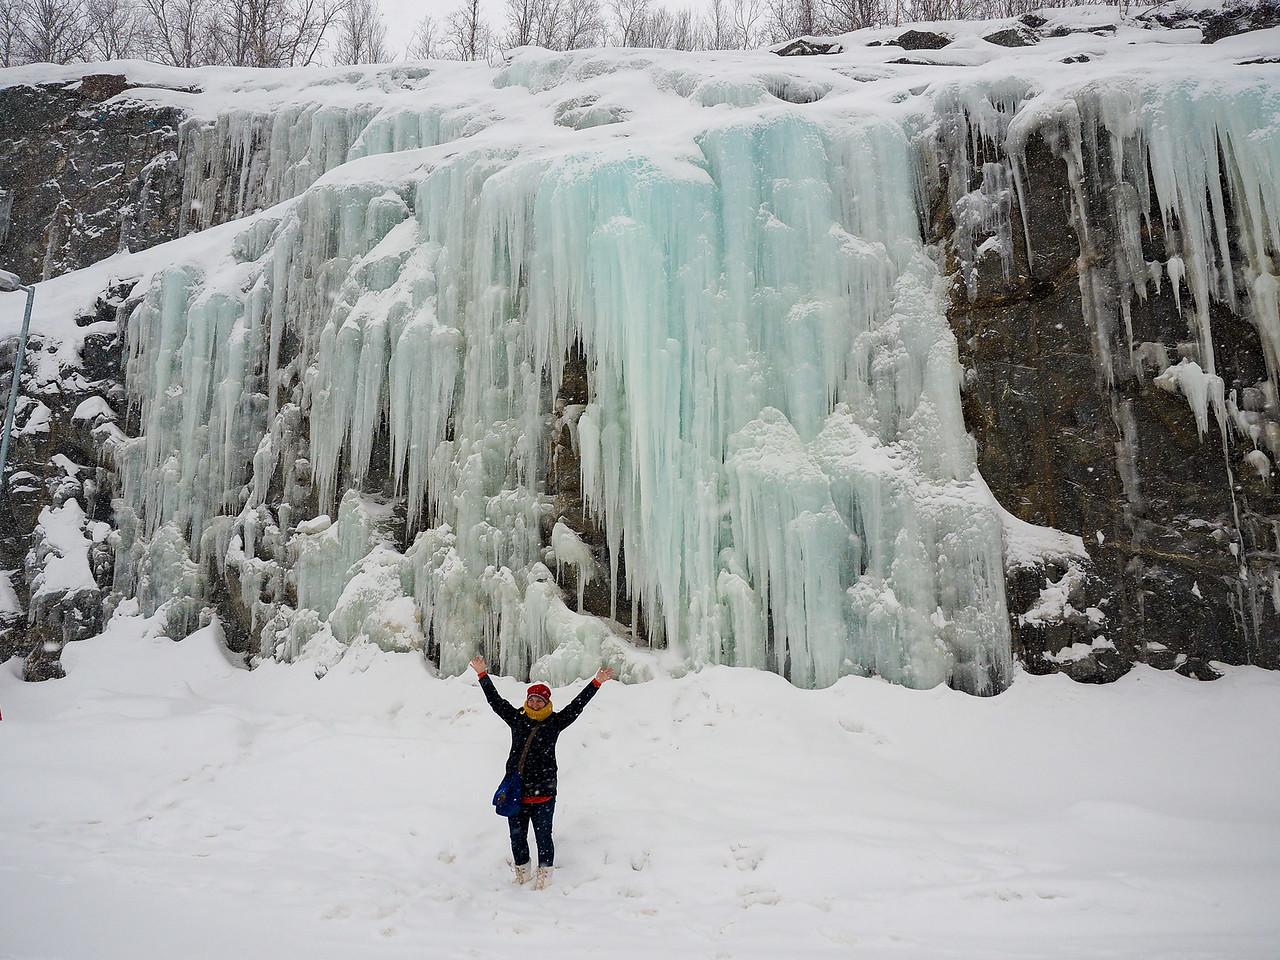 Frozen water in Alta, Norway